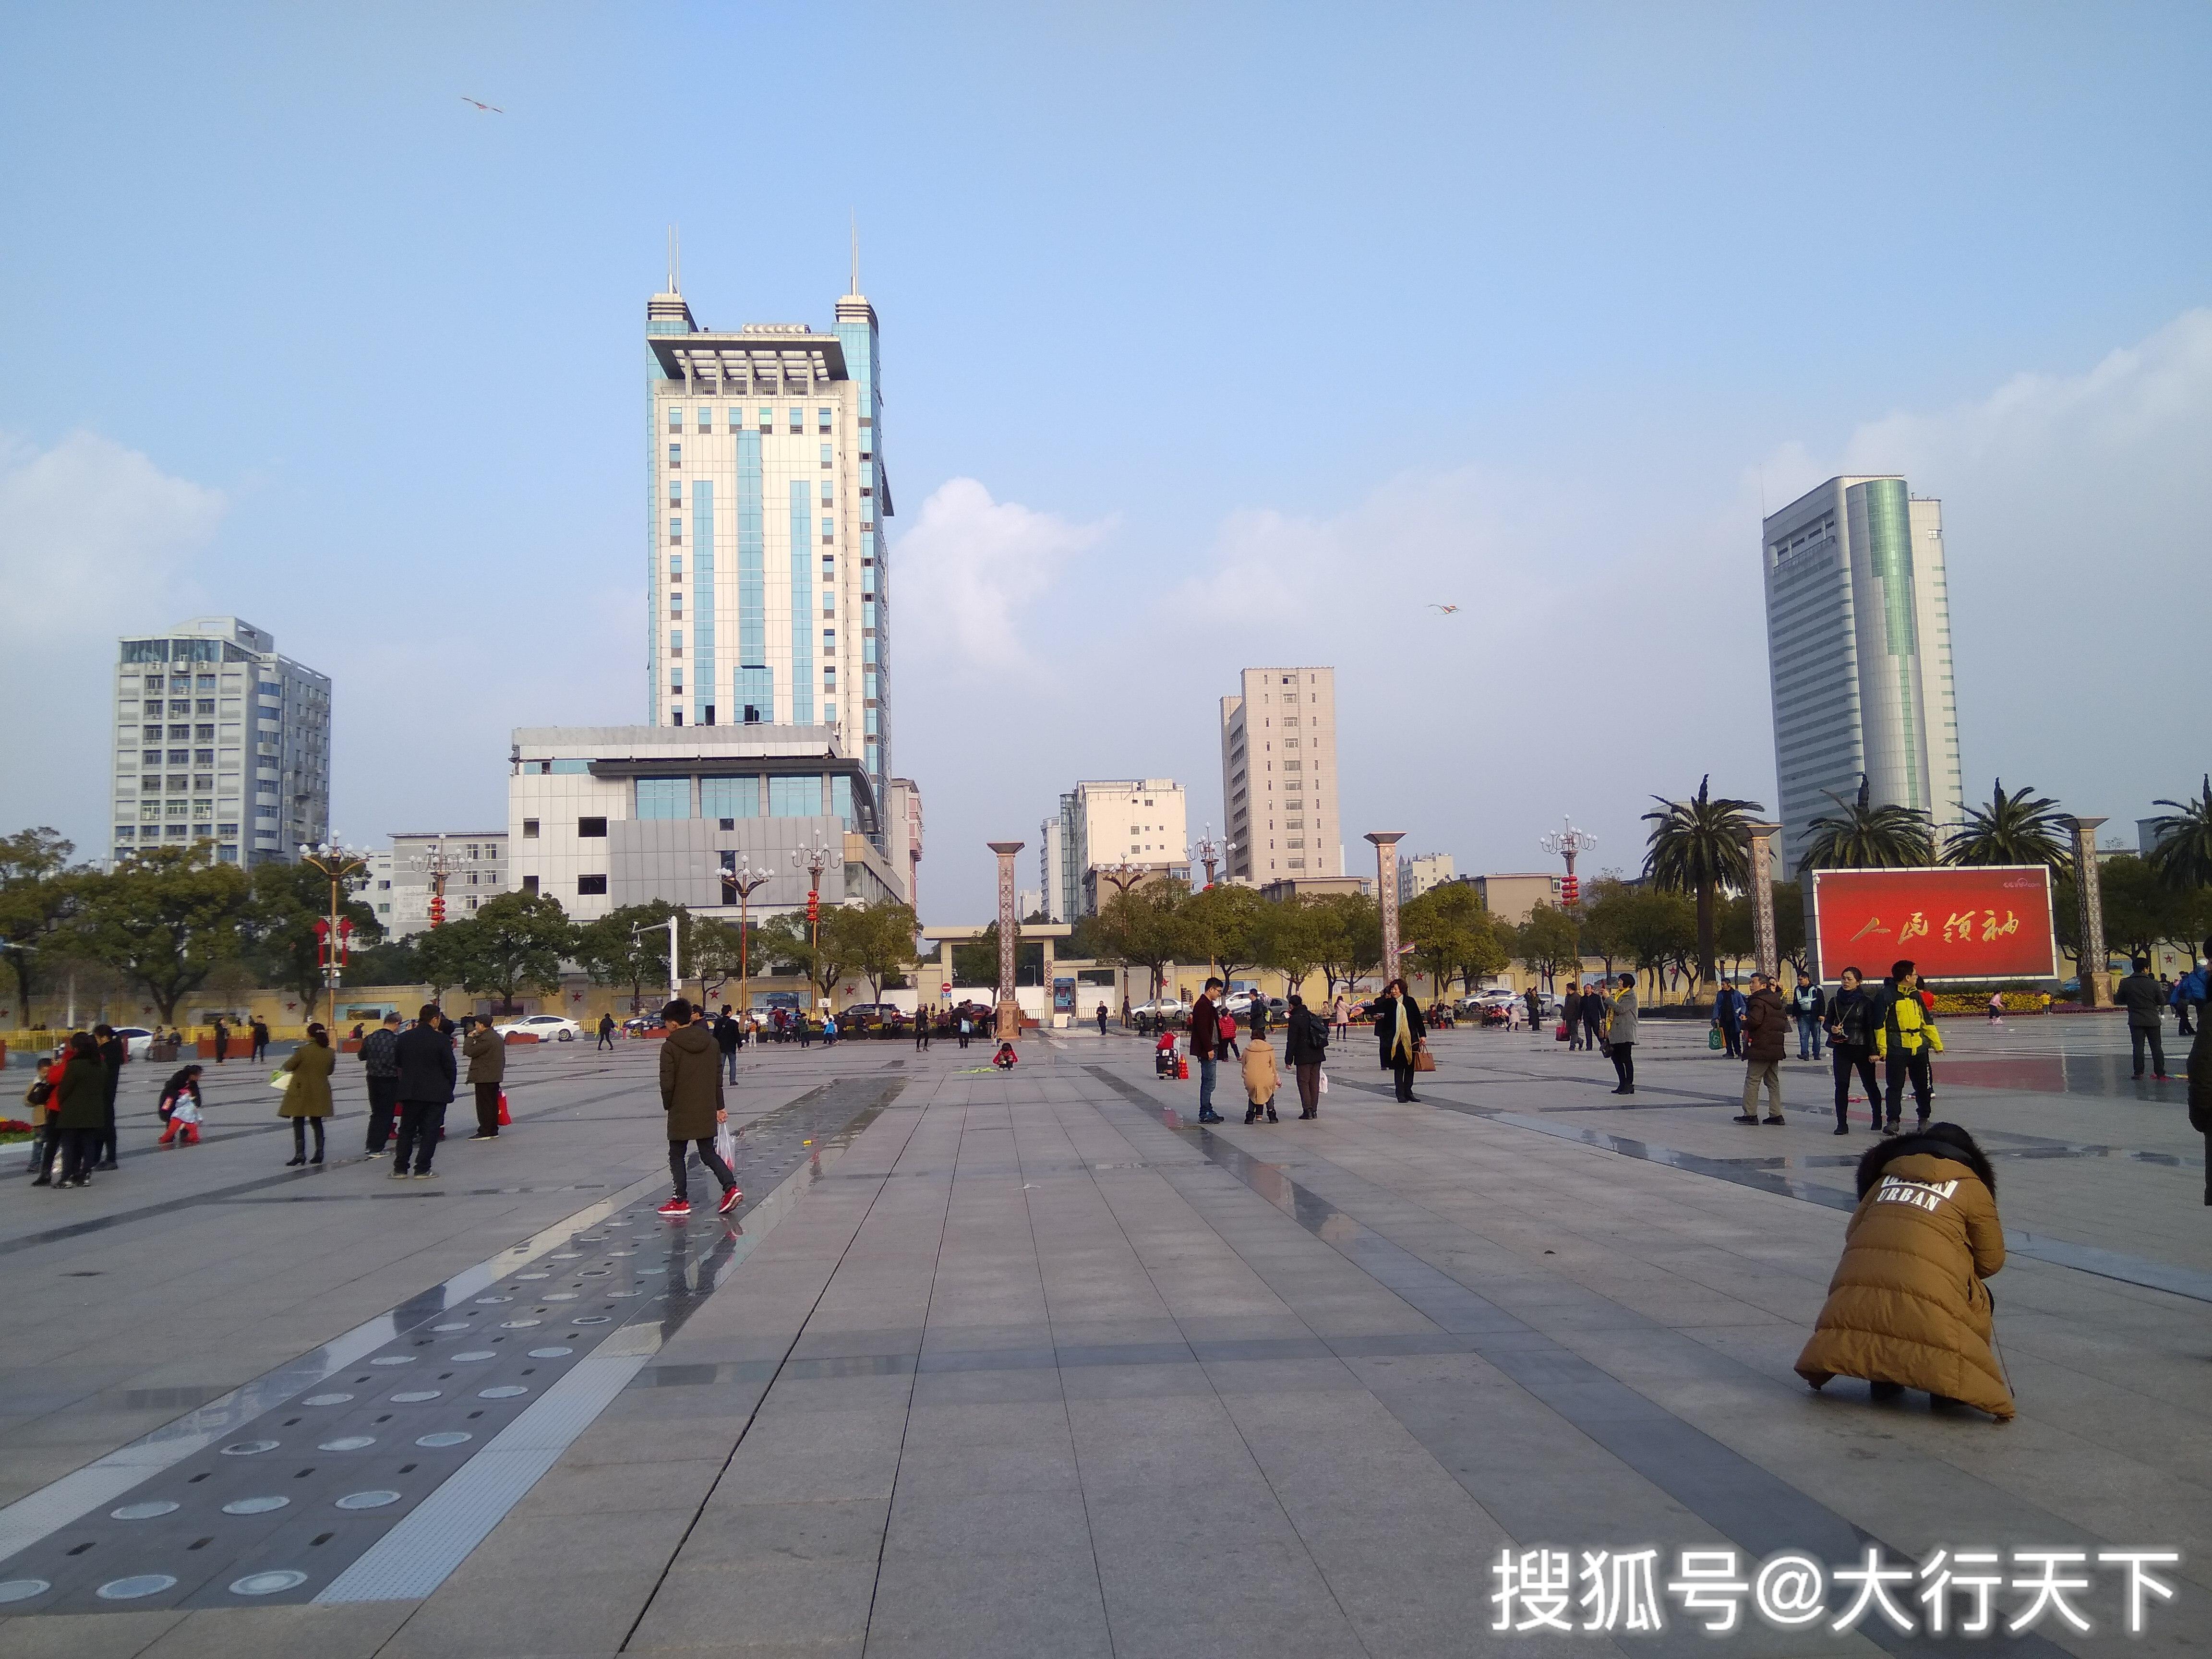 吉安市GDP_江西吉安与山西吕梁,2019上半年GDP,谁成绩更好?